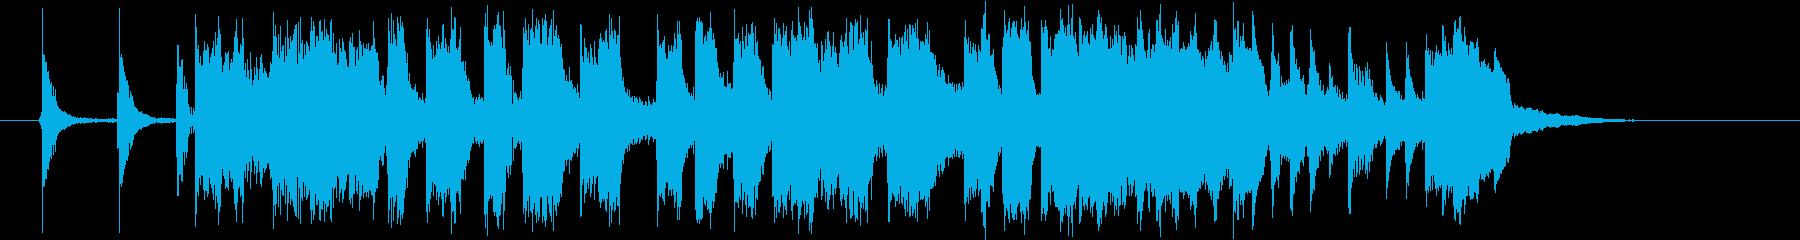 通販番組のオープニング風の再生済みの波形